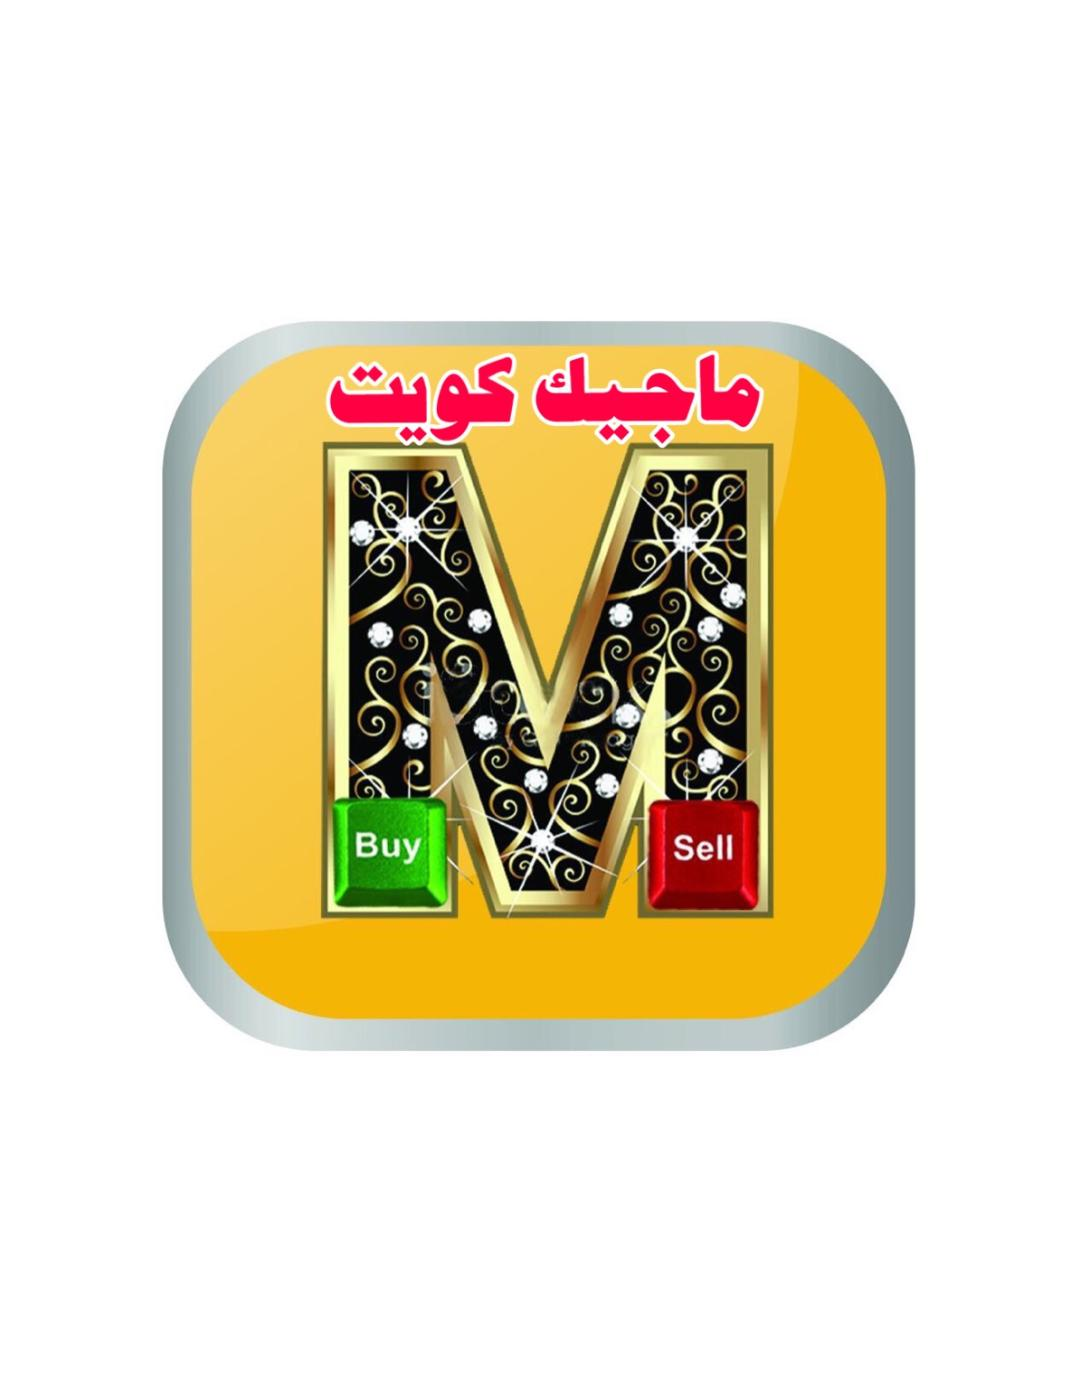 مطلوب بيت بسعد العبدالله قطعه 2 او 5 والدفع كاش